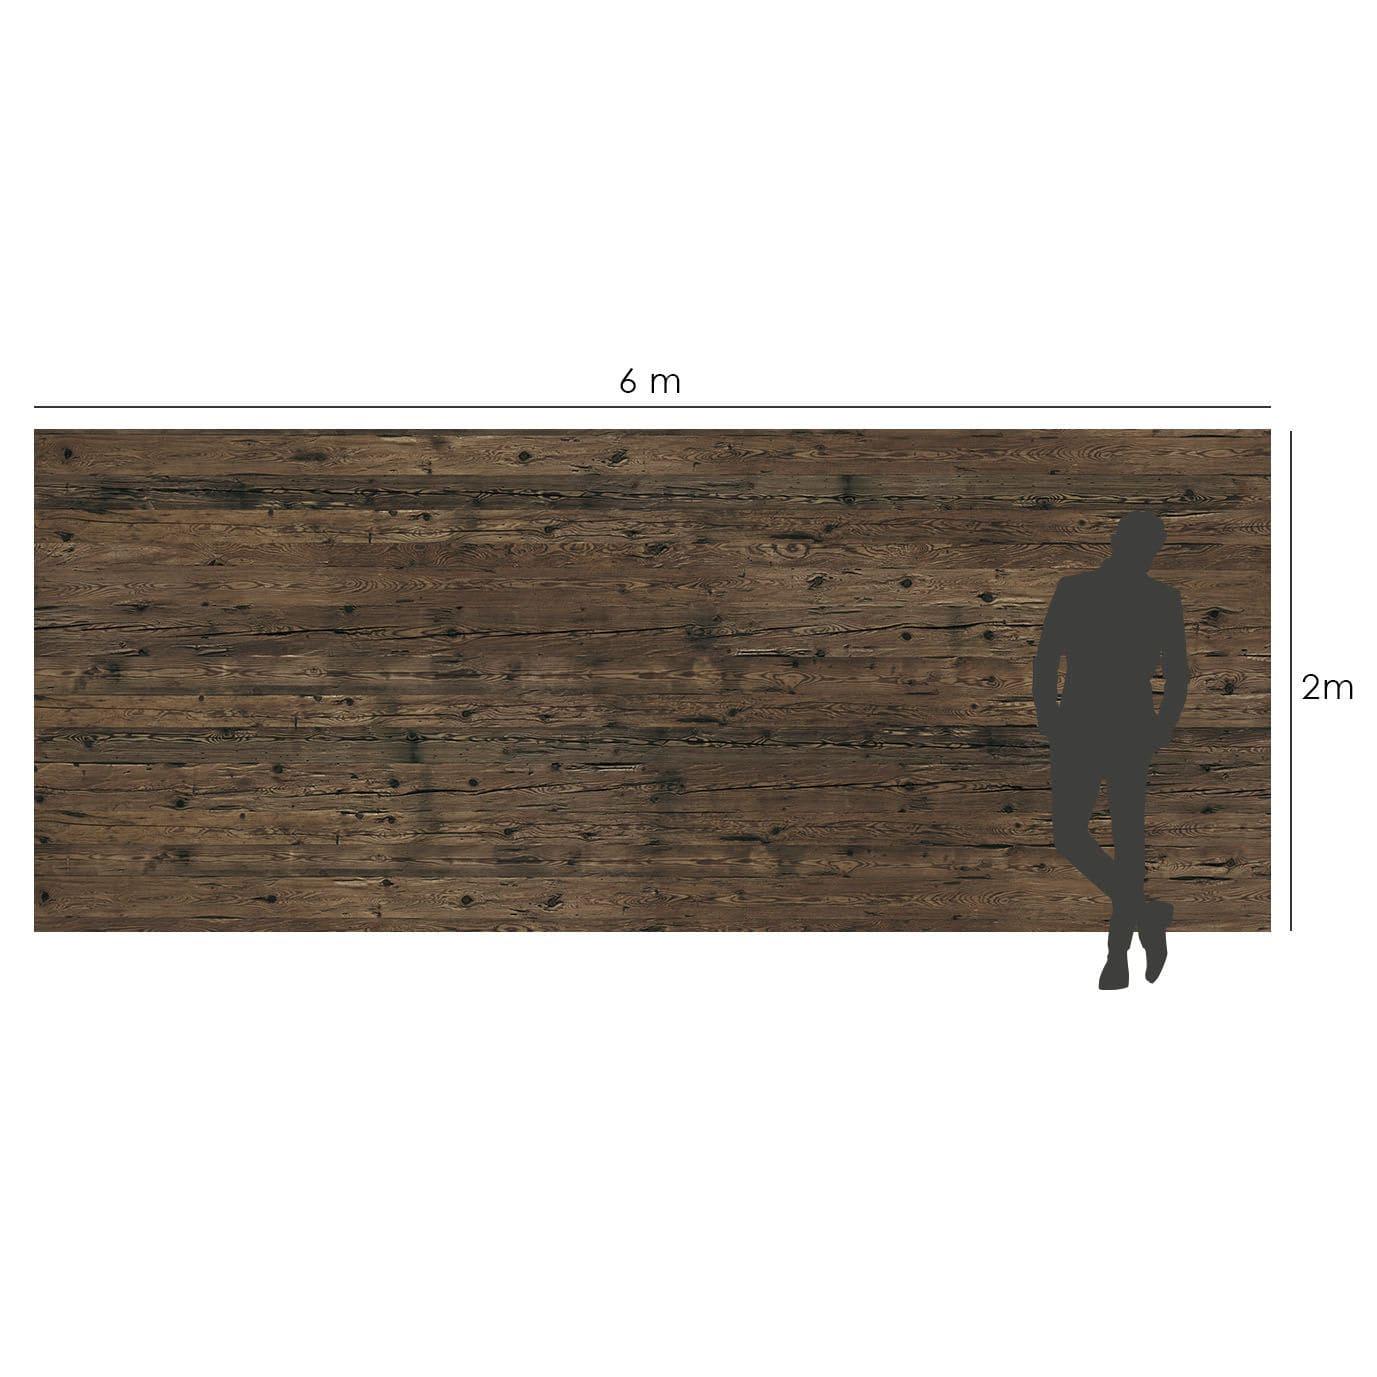 Pannelli Legno Senza Formaldeide pannello in legno di costruzione / per porta / da parete